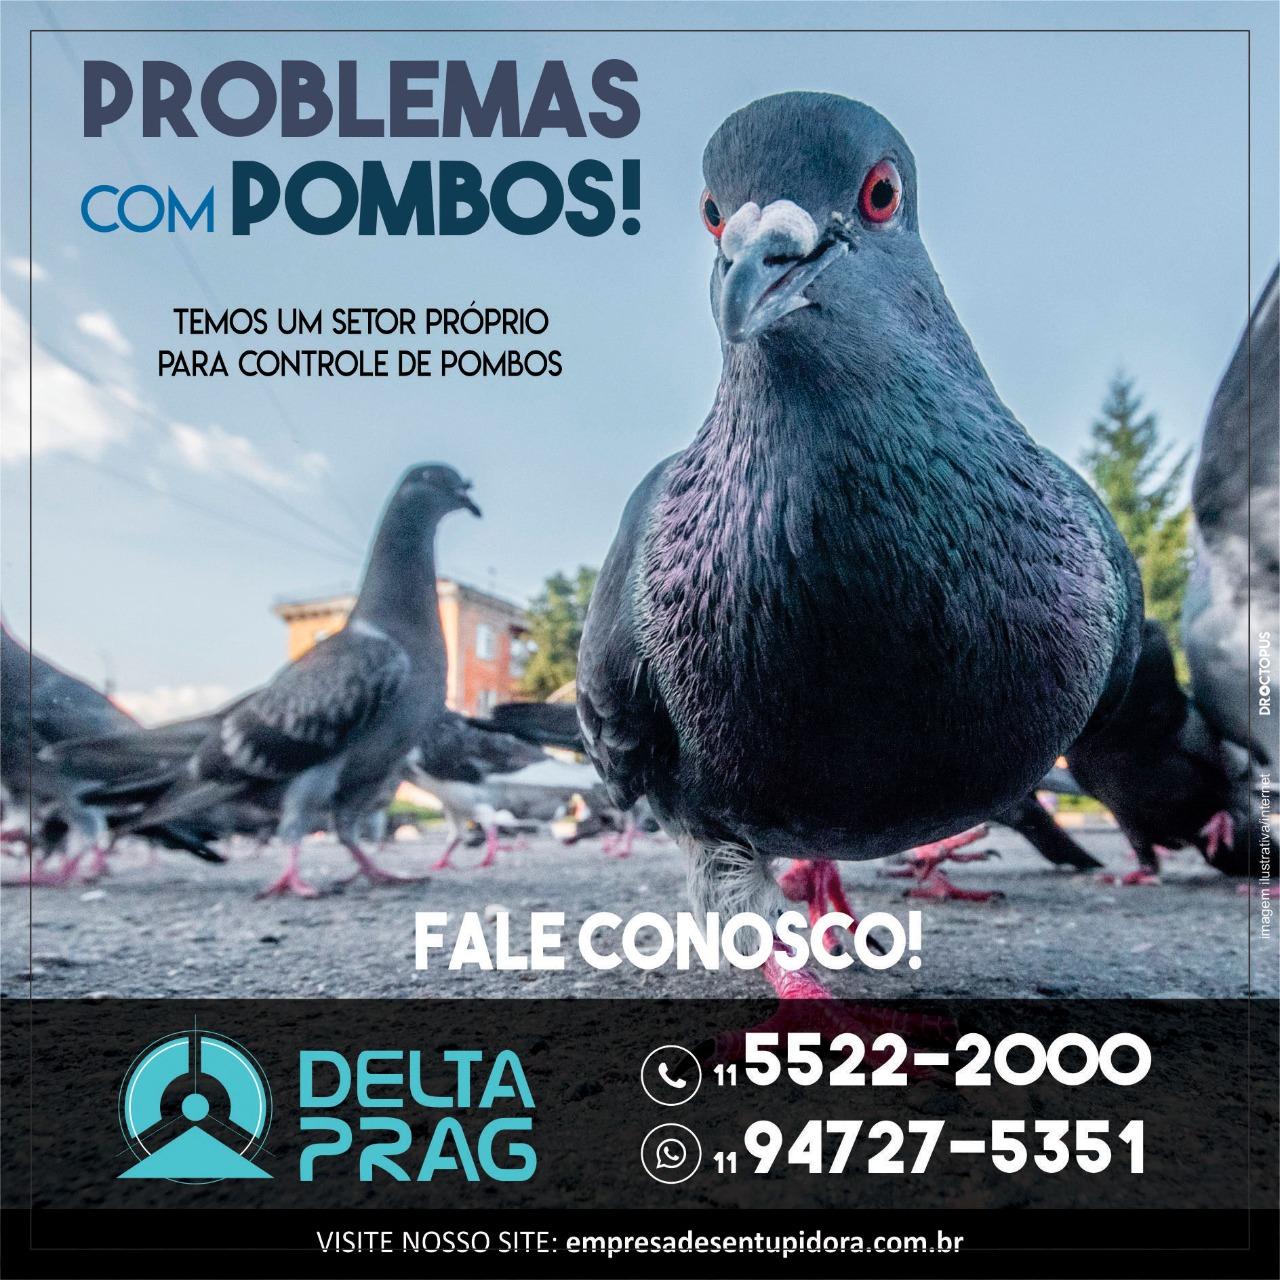 Controle de pragas em São Paulo – DeltaPrag